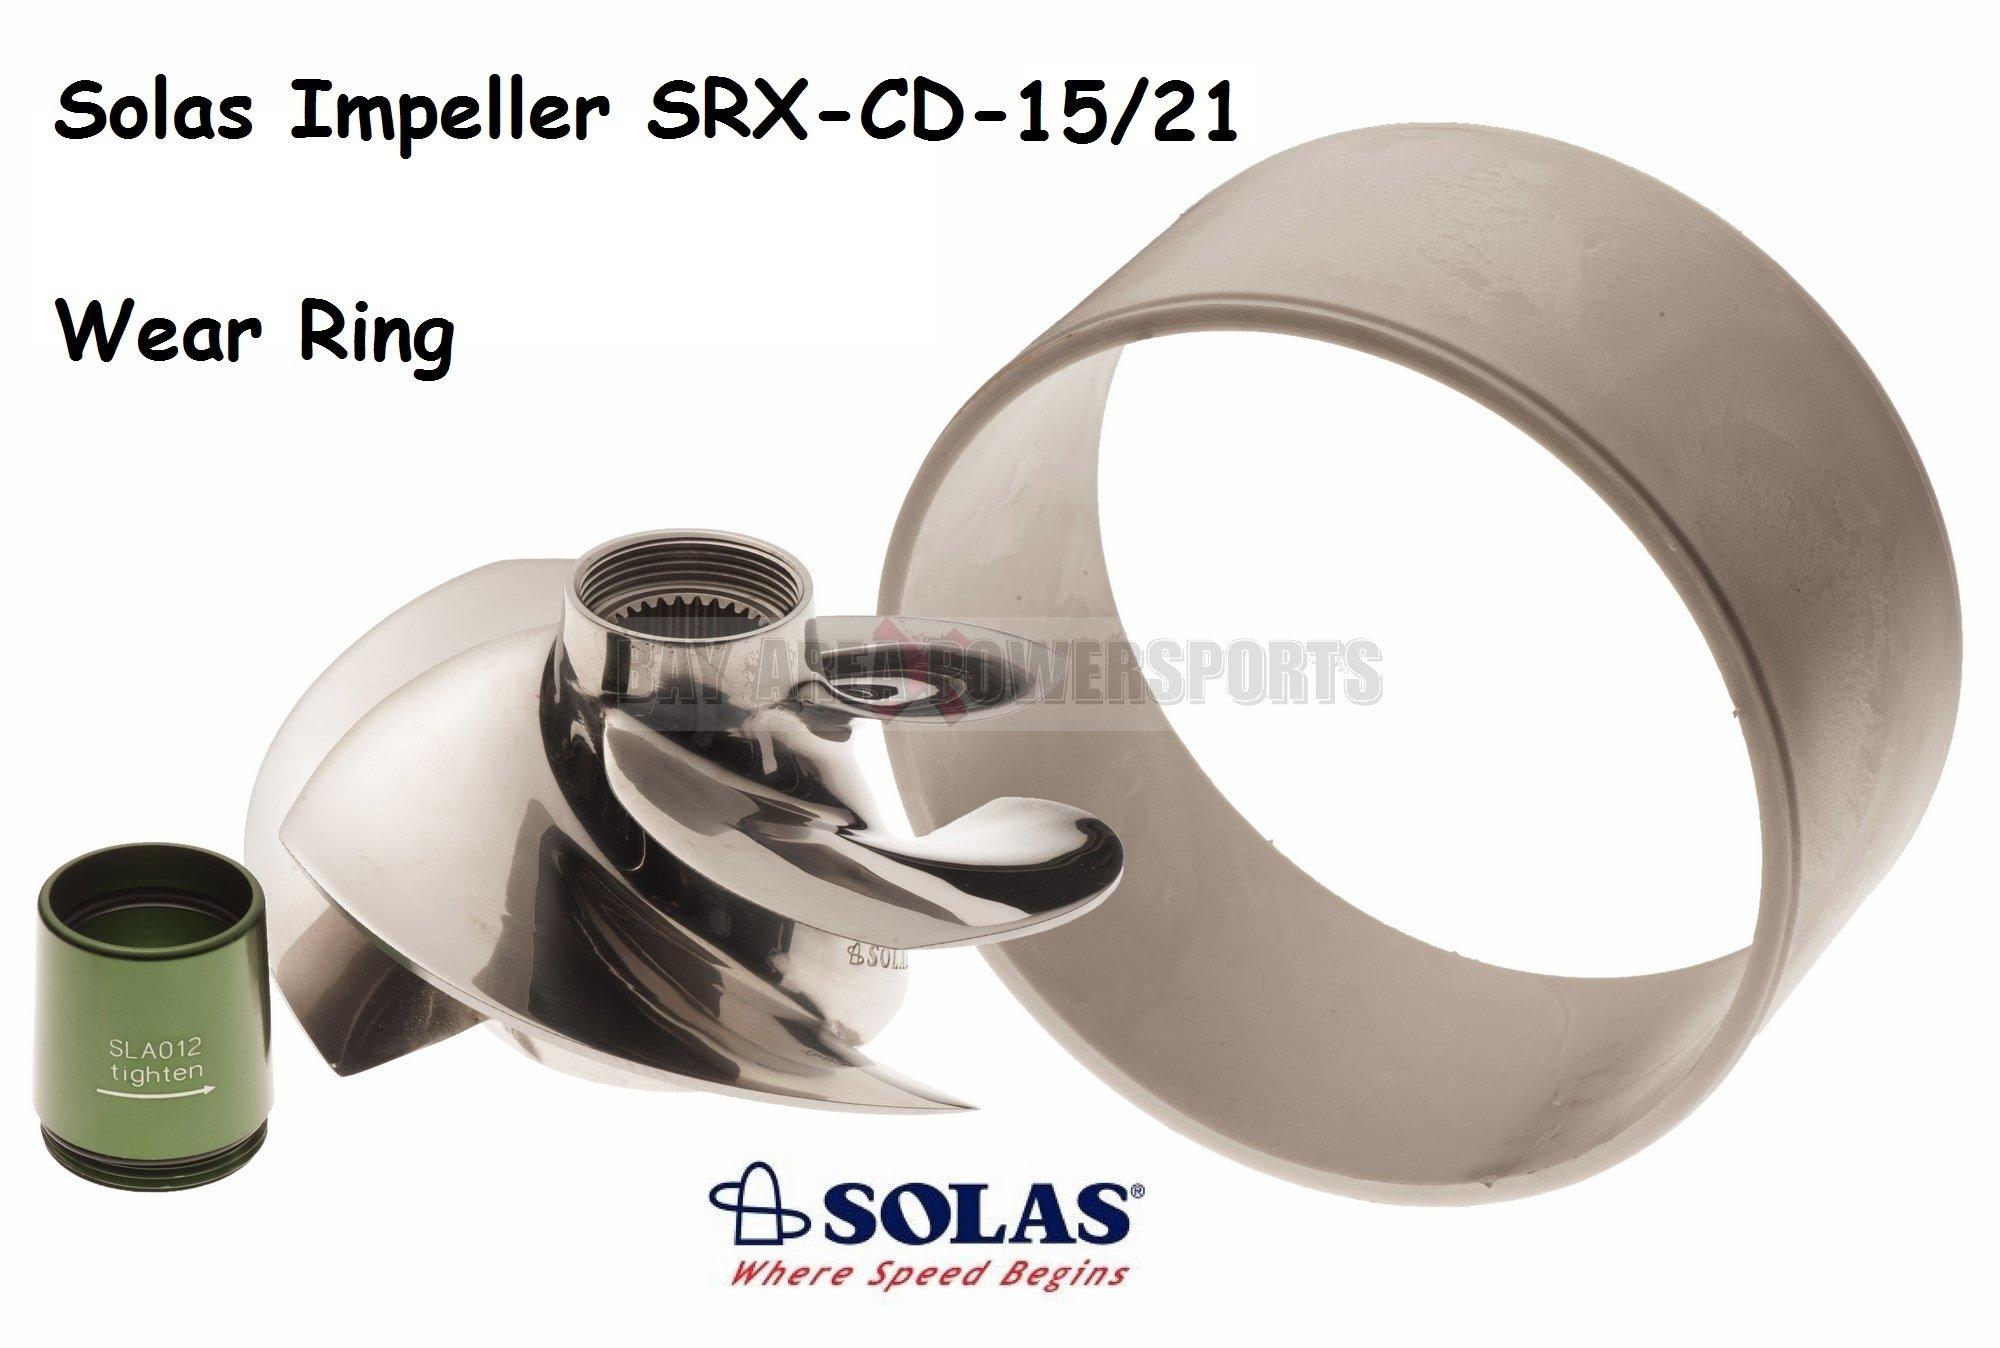 Solas Sea Doo Impeller & Wear Ring SRX-CD-15/21 RXPX RXTX 255 / RXP RXT GTX 215